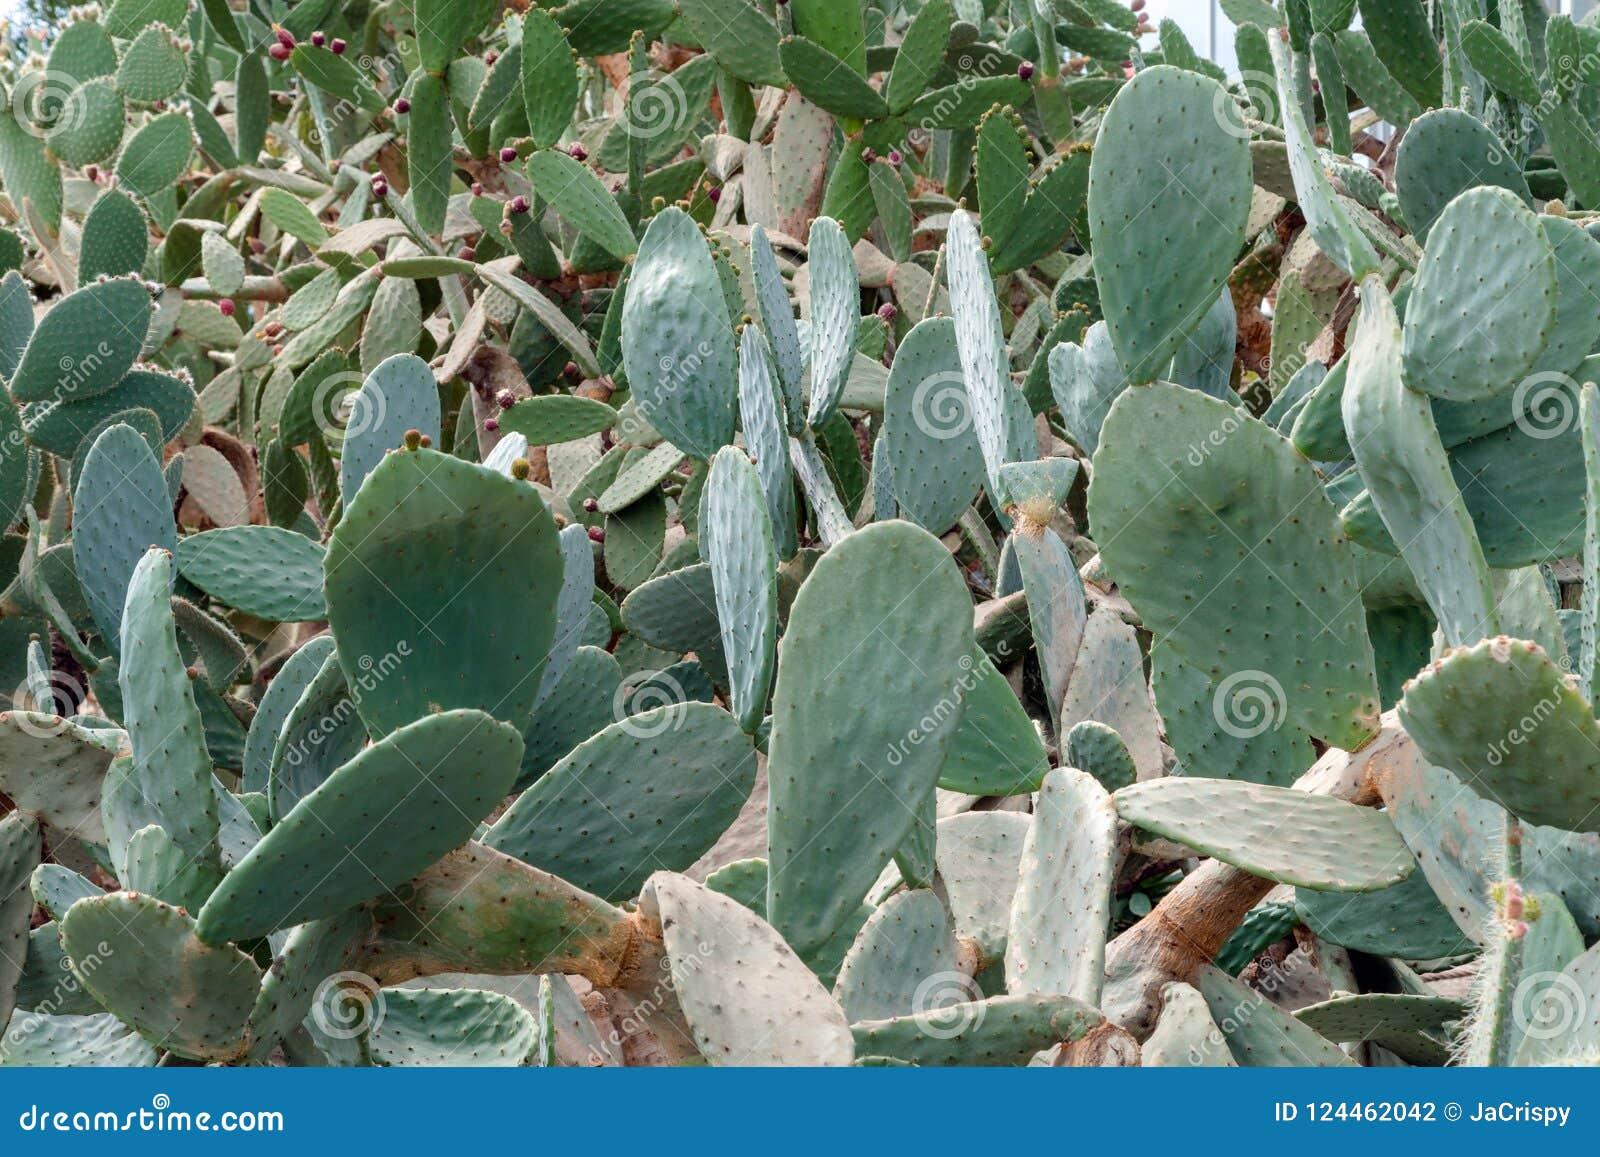 Fondo de las espinas dorsales del cactus en jardín botánico